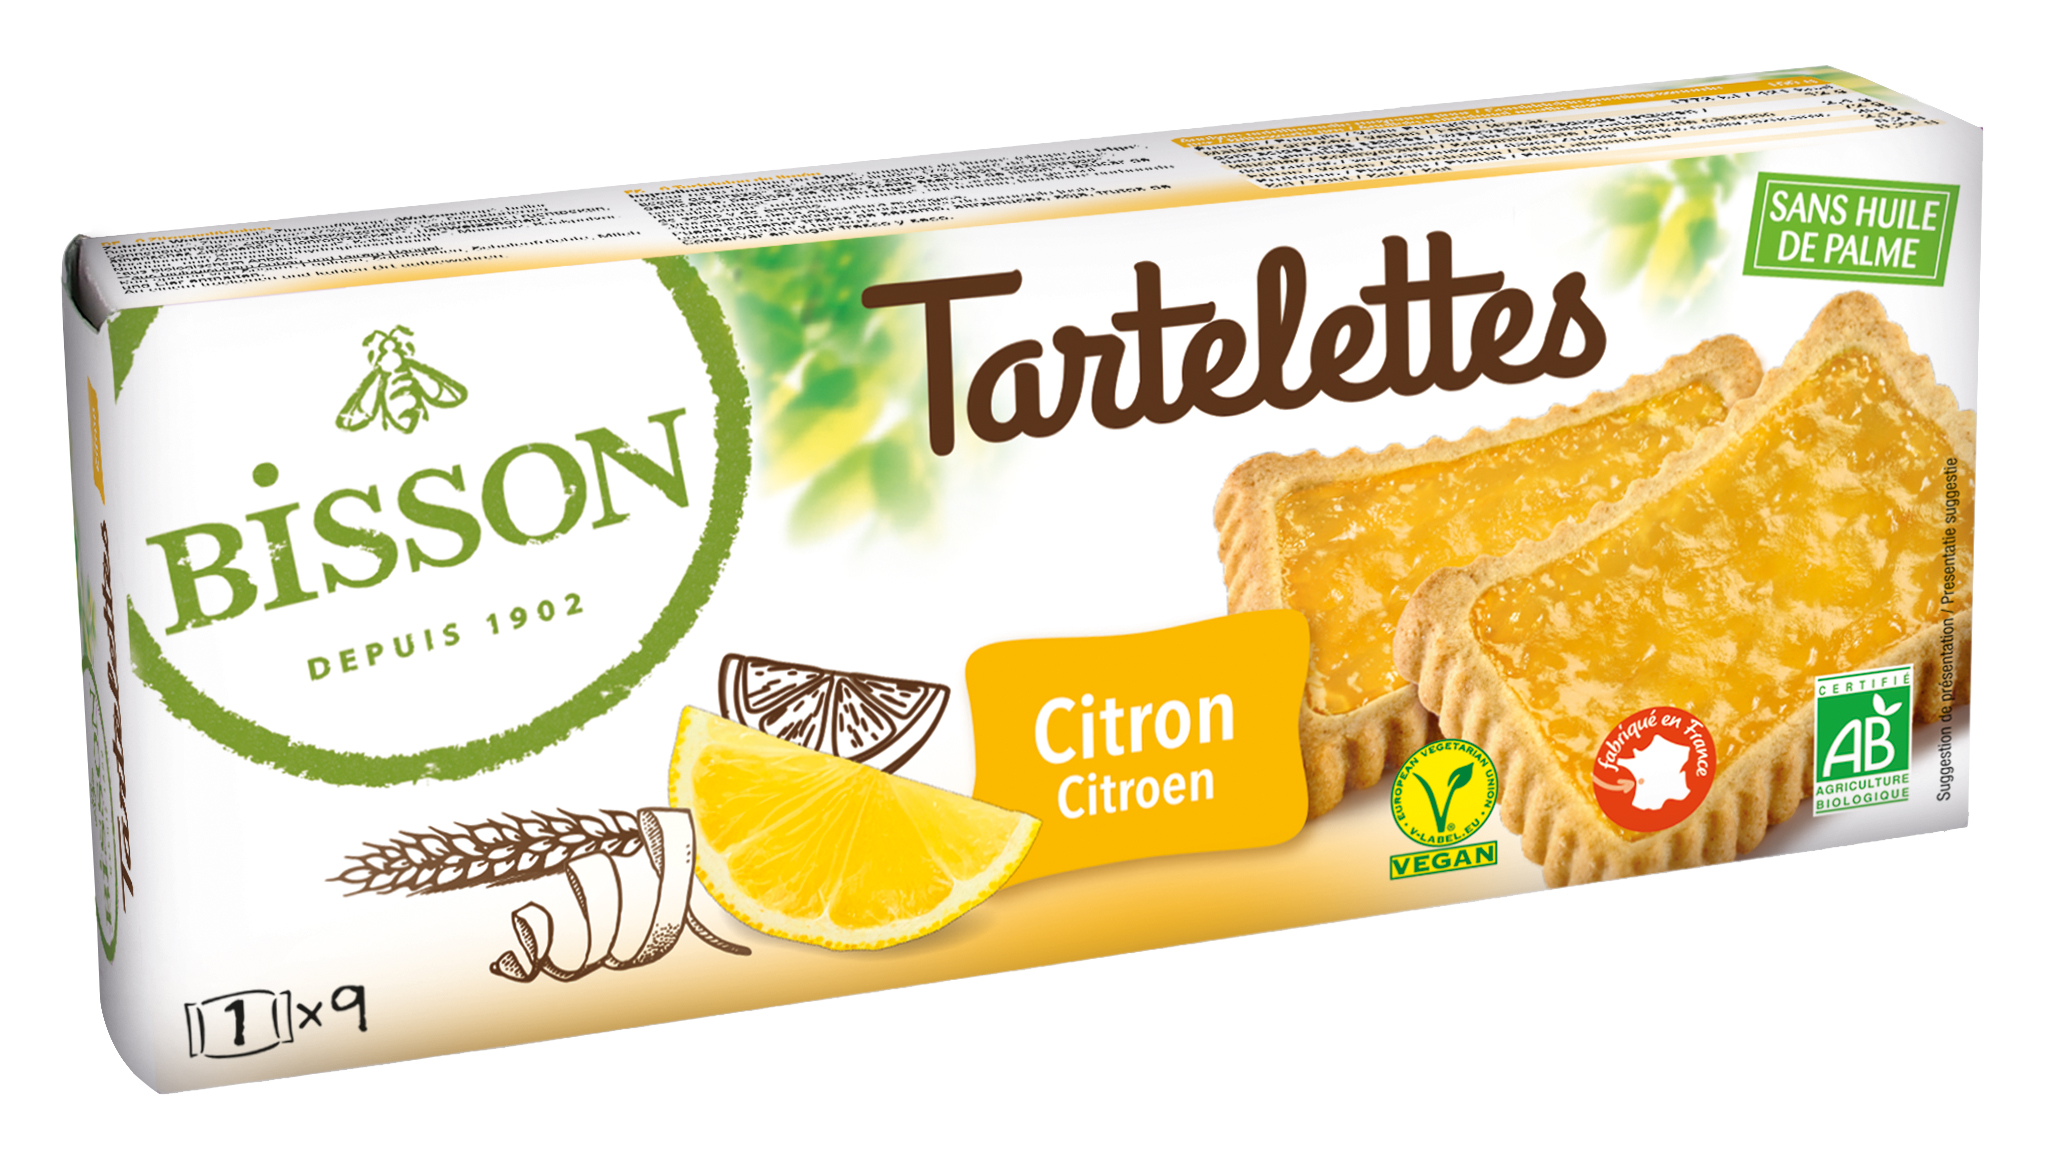 bisson 8665 tartelette citron 2018 - Bisson lance une nouvelle gamme de biscuits bio